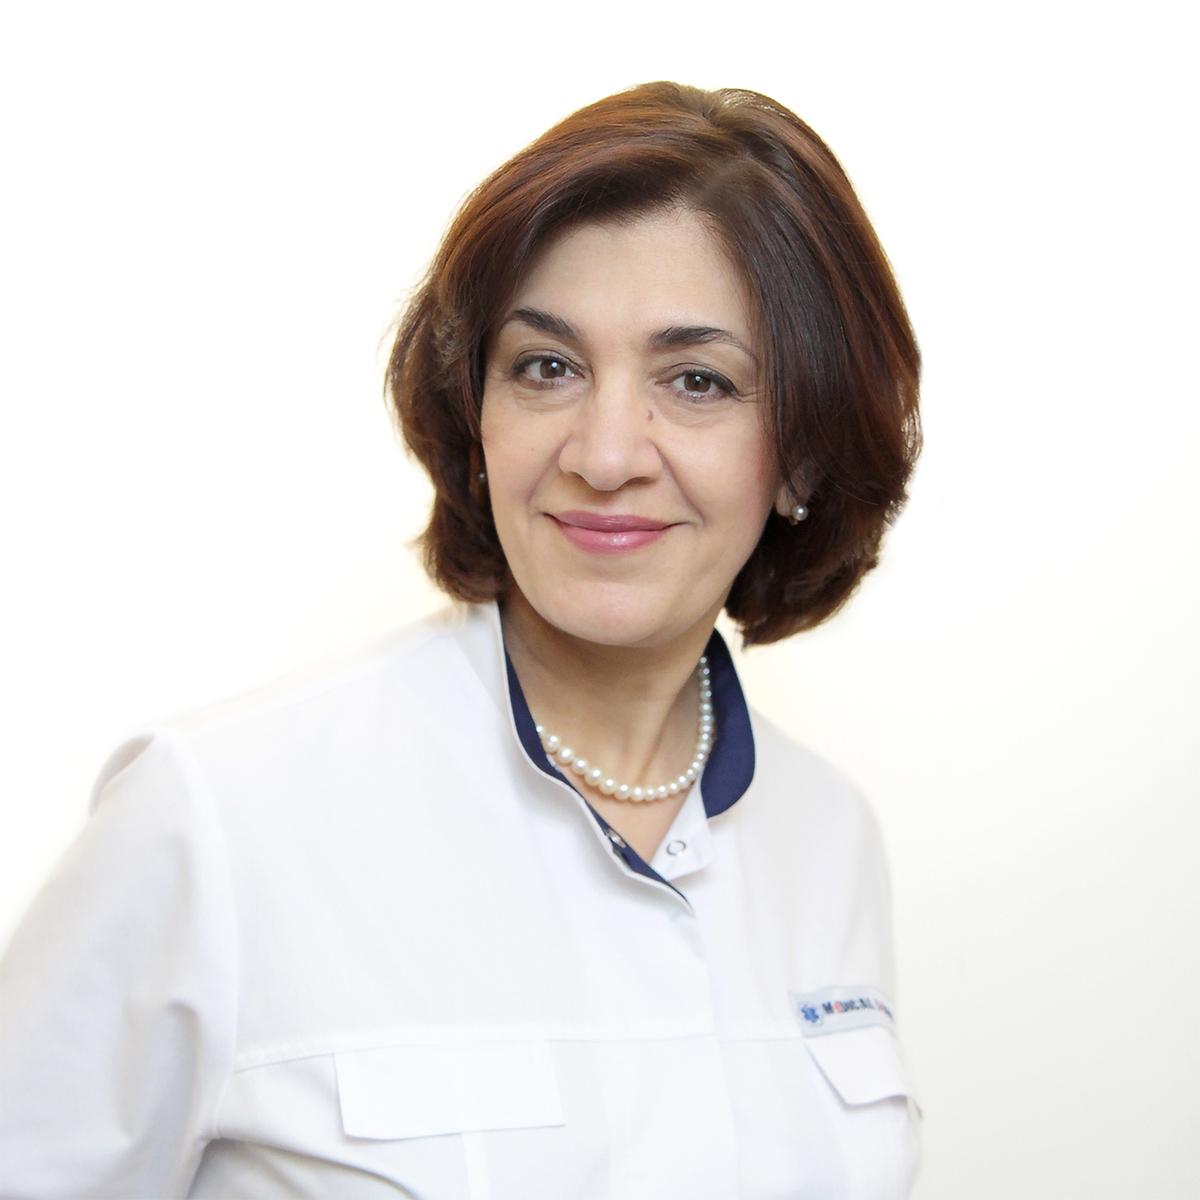 Егунян Анжела Шаликовна